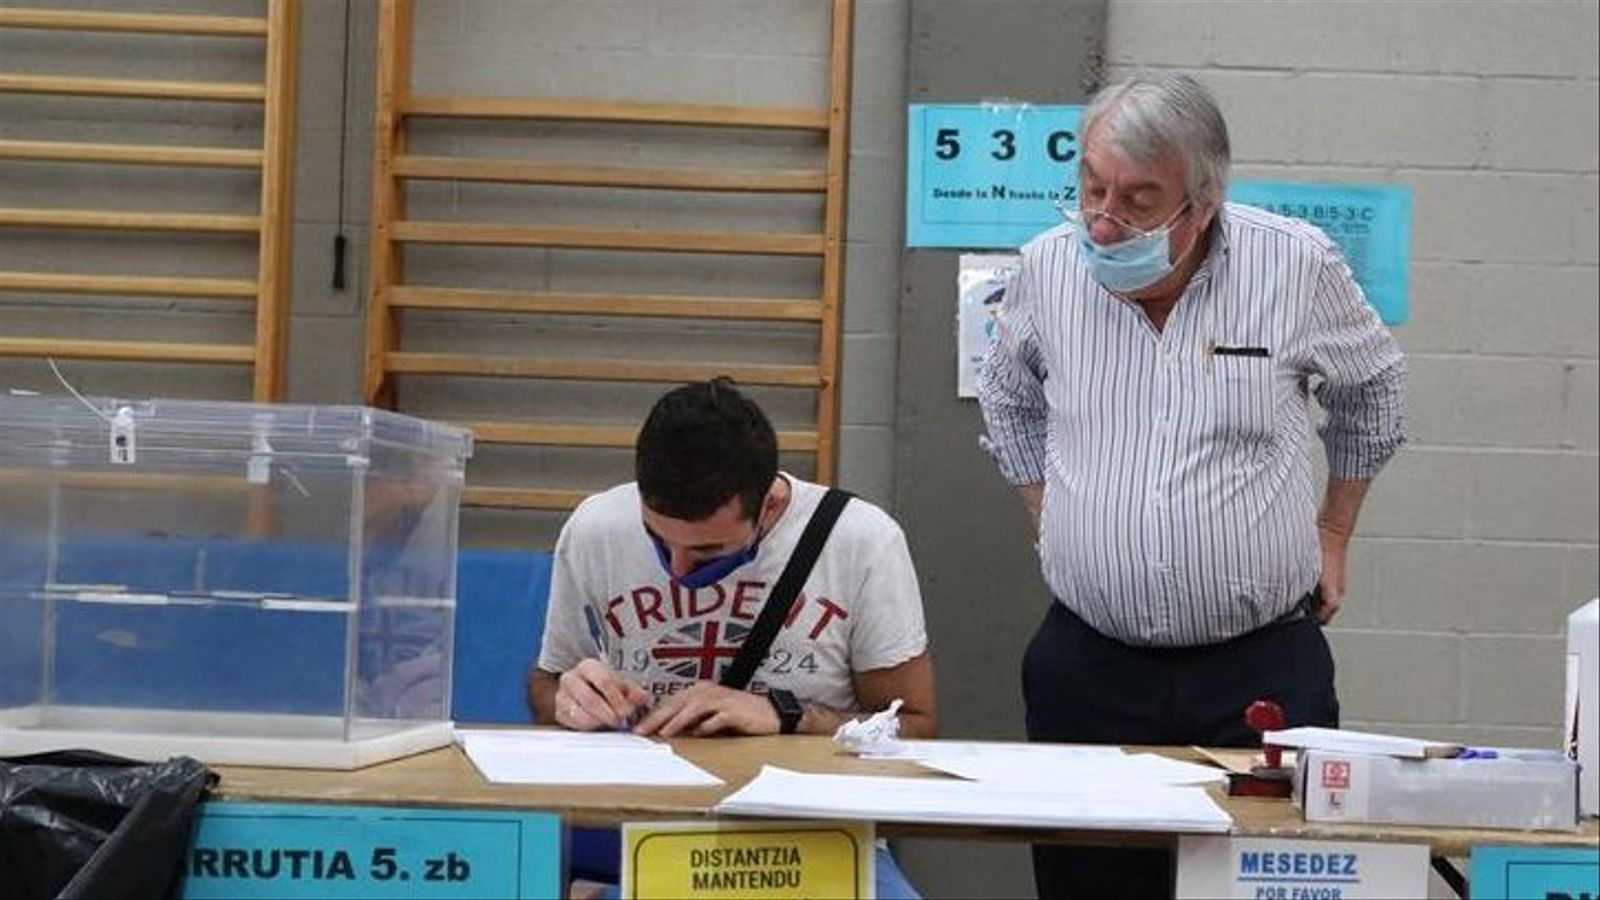 El president de taula fa l'obertura d'una mesa electoral a la localitat biscaïna de Durango, amb totes les mesures de seguretat davant la pandèmia del coronavirus